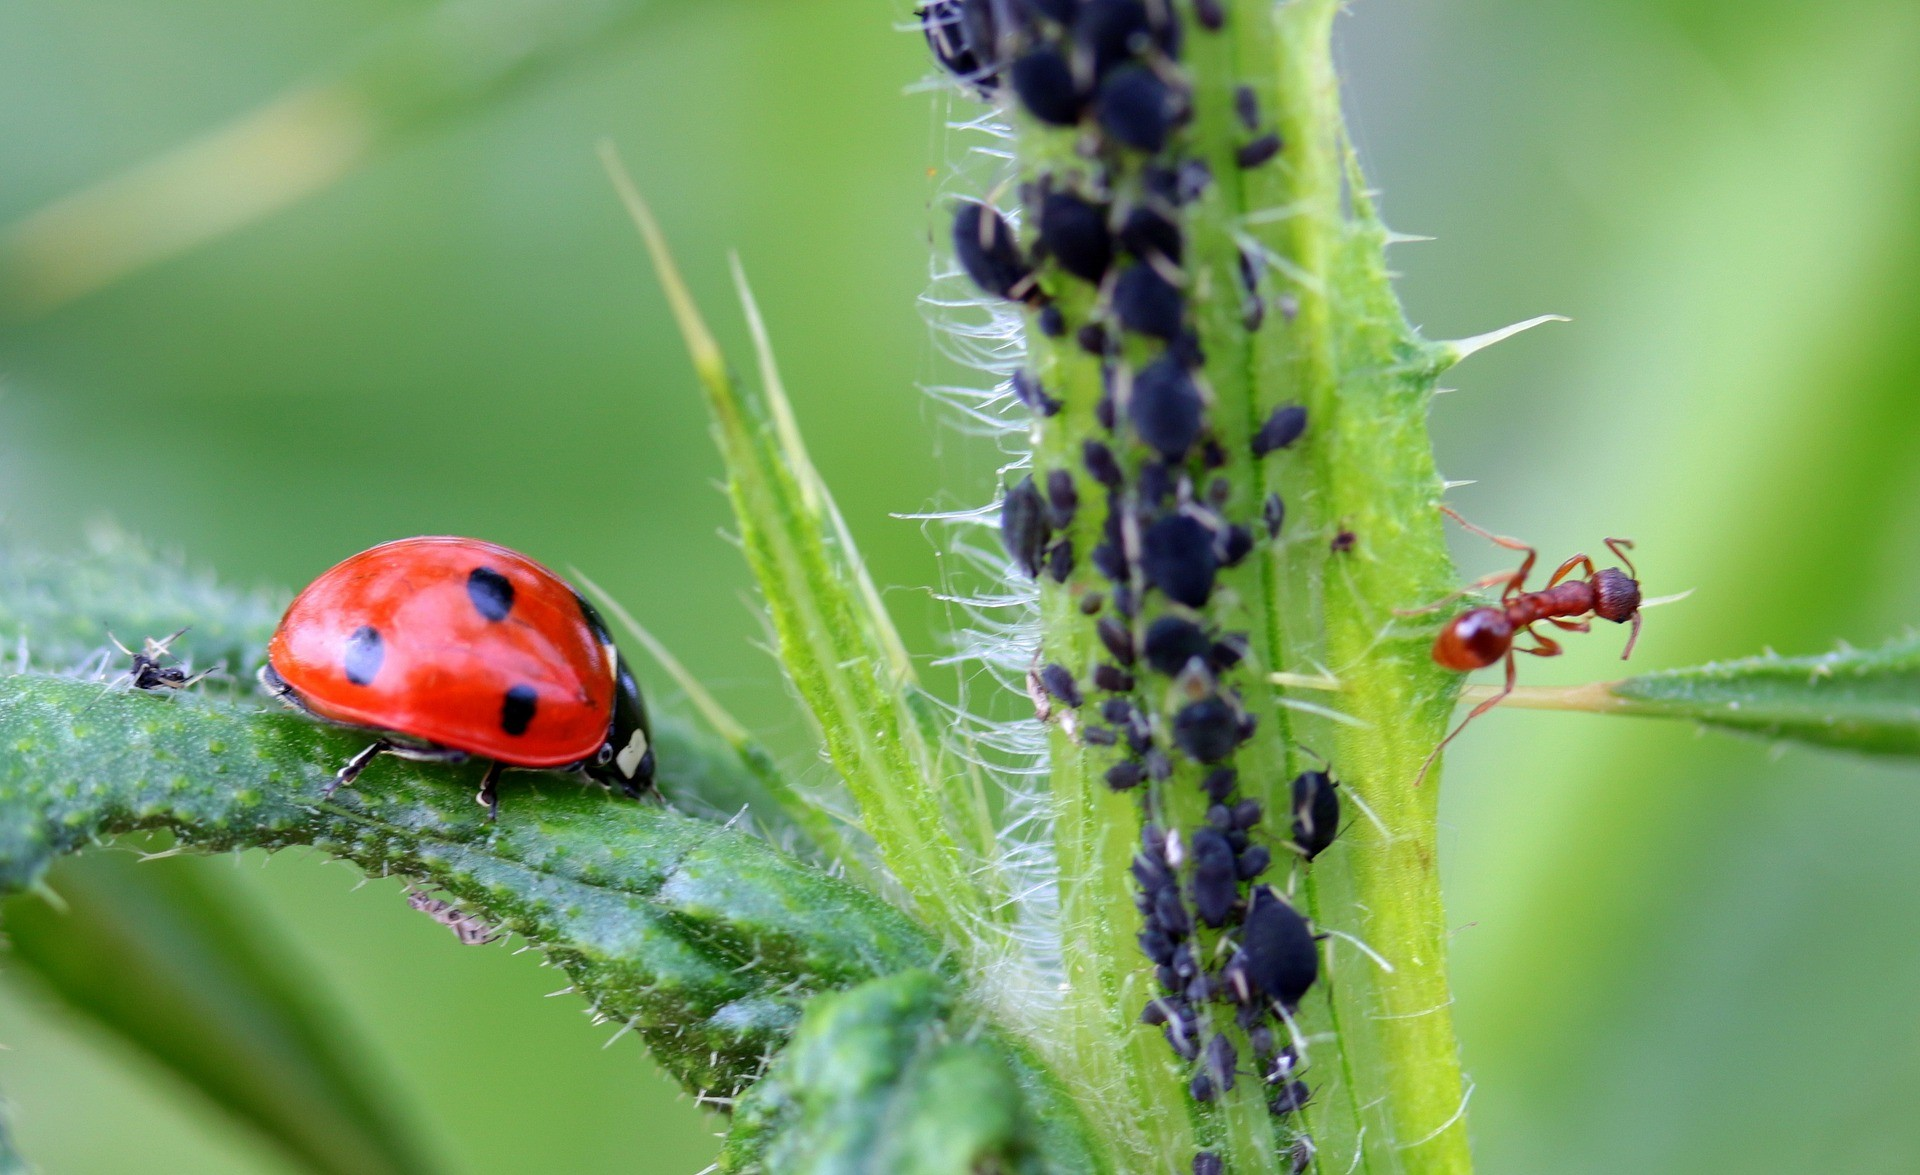 biedronka zjada mszyce; mrówki nie zjadają mszyc